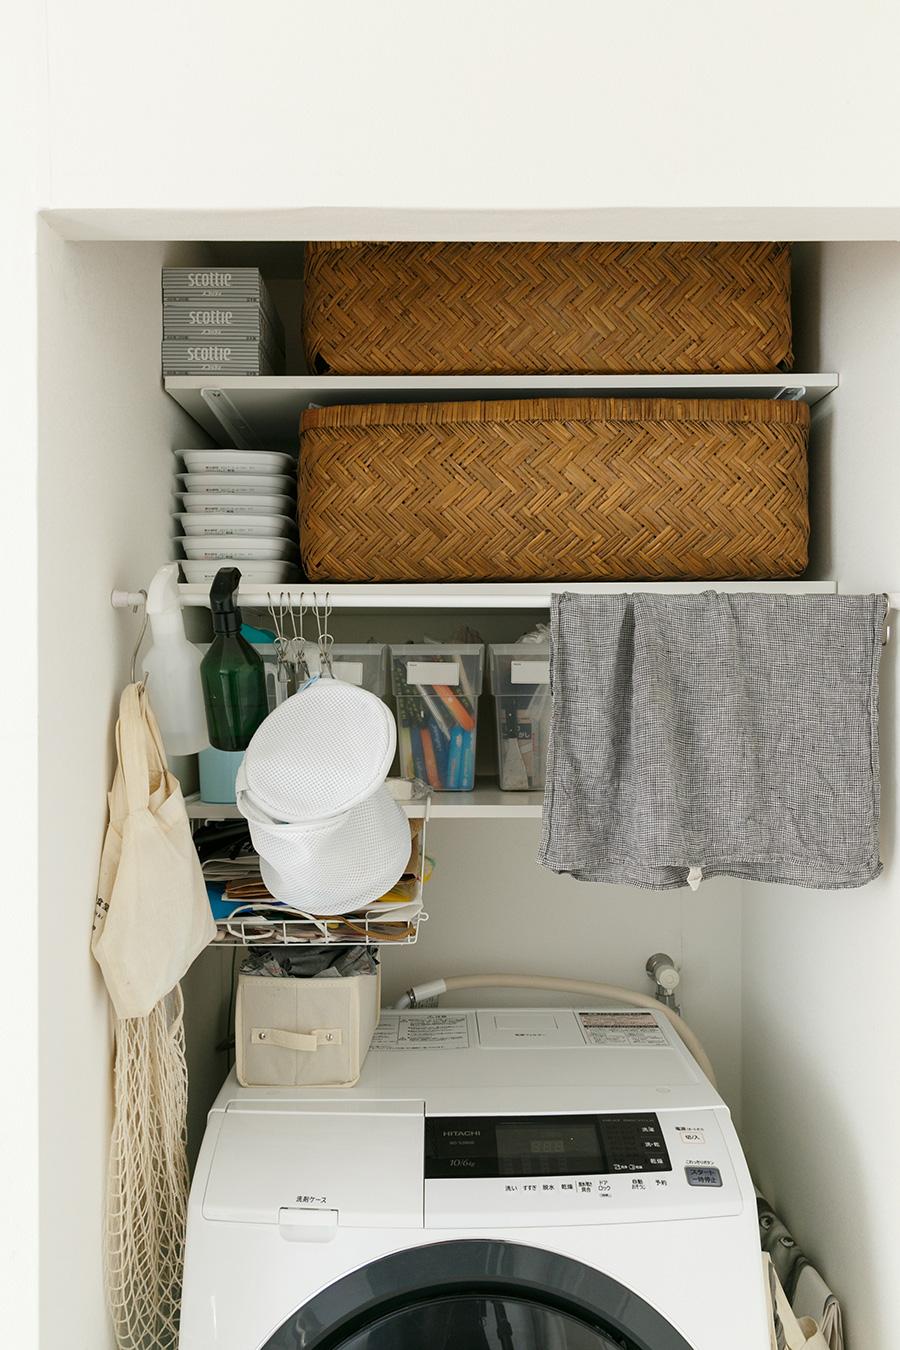 キッチンの向い側に洗濯機置き場がある。ここには扉がないので、つづらなどを使って見せる収納にしている。